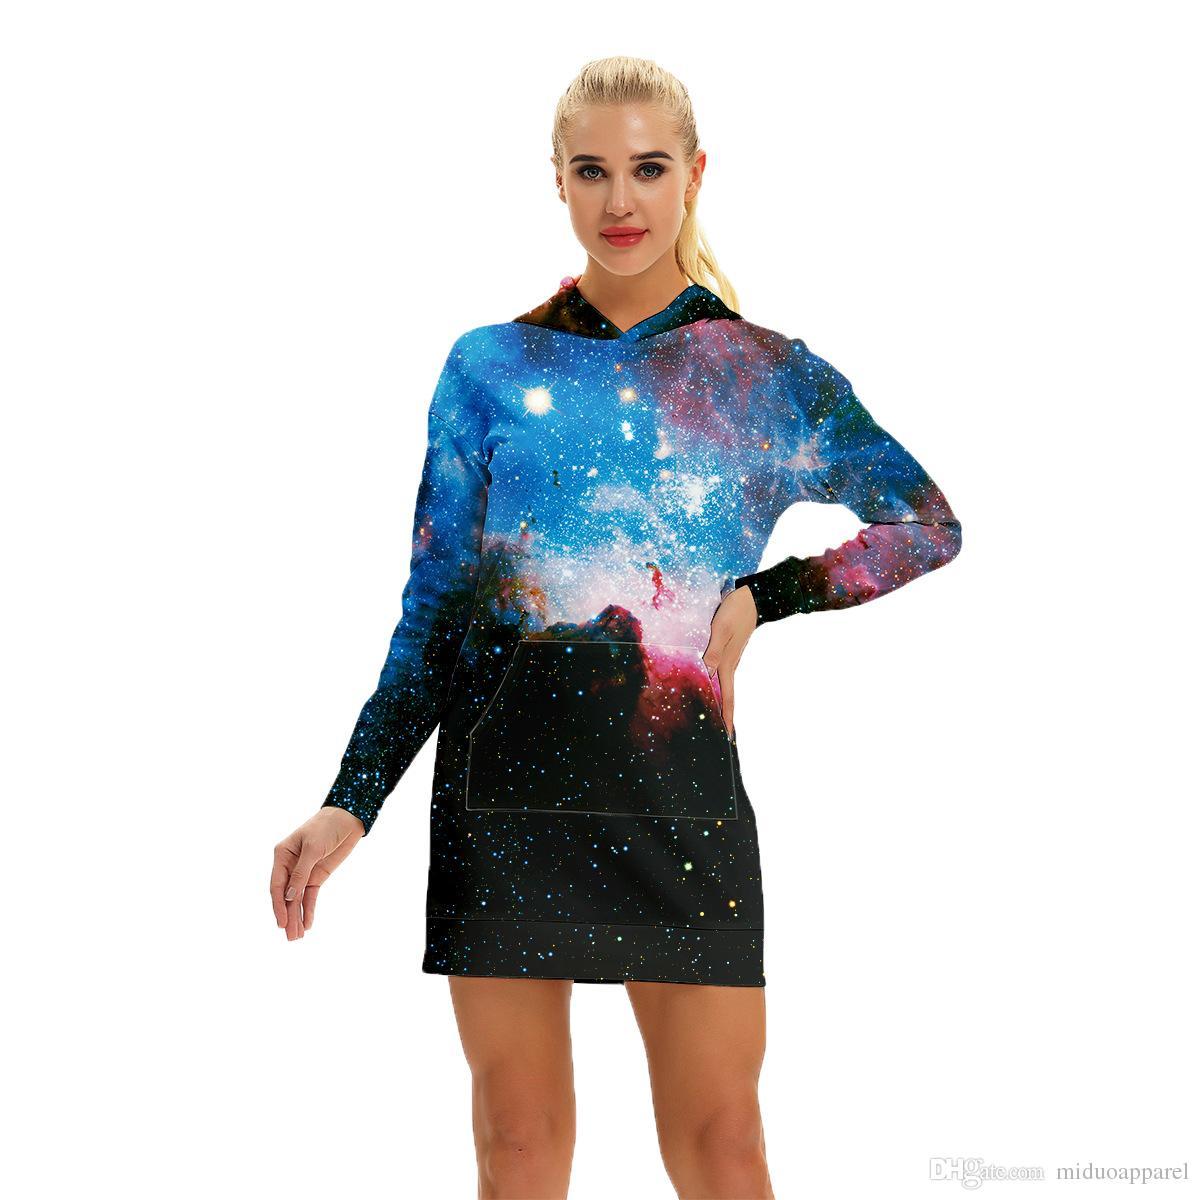 accd14d0f19e Acquista Grandi Sconti Moda Donna Casual Felpa Abito Donna Felpa Abito 3D  Galaxy Starry Floral Taglia S XL Spedizione Gratuita A  33.17 Dal  Miduoapparel ...